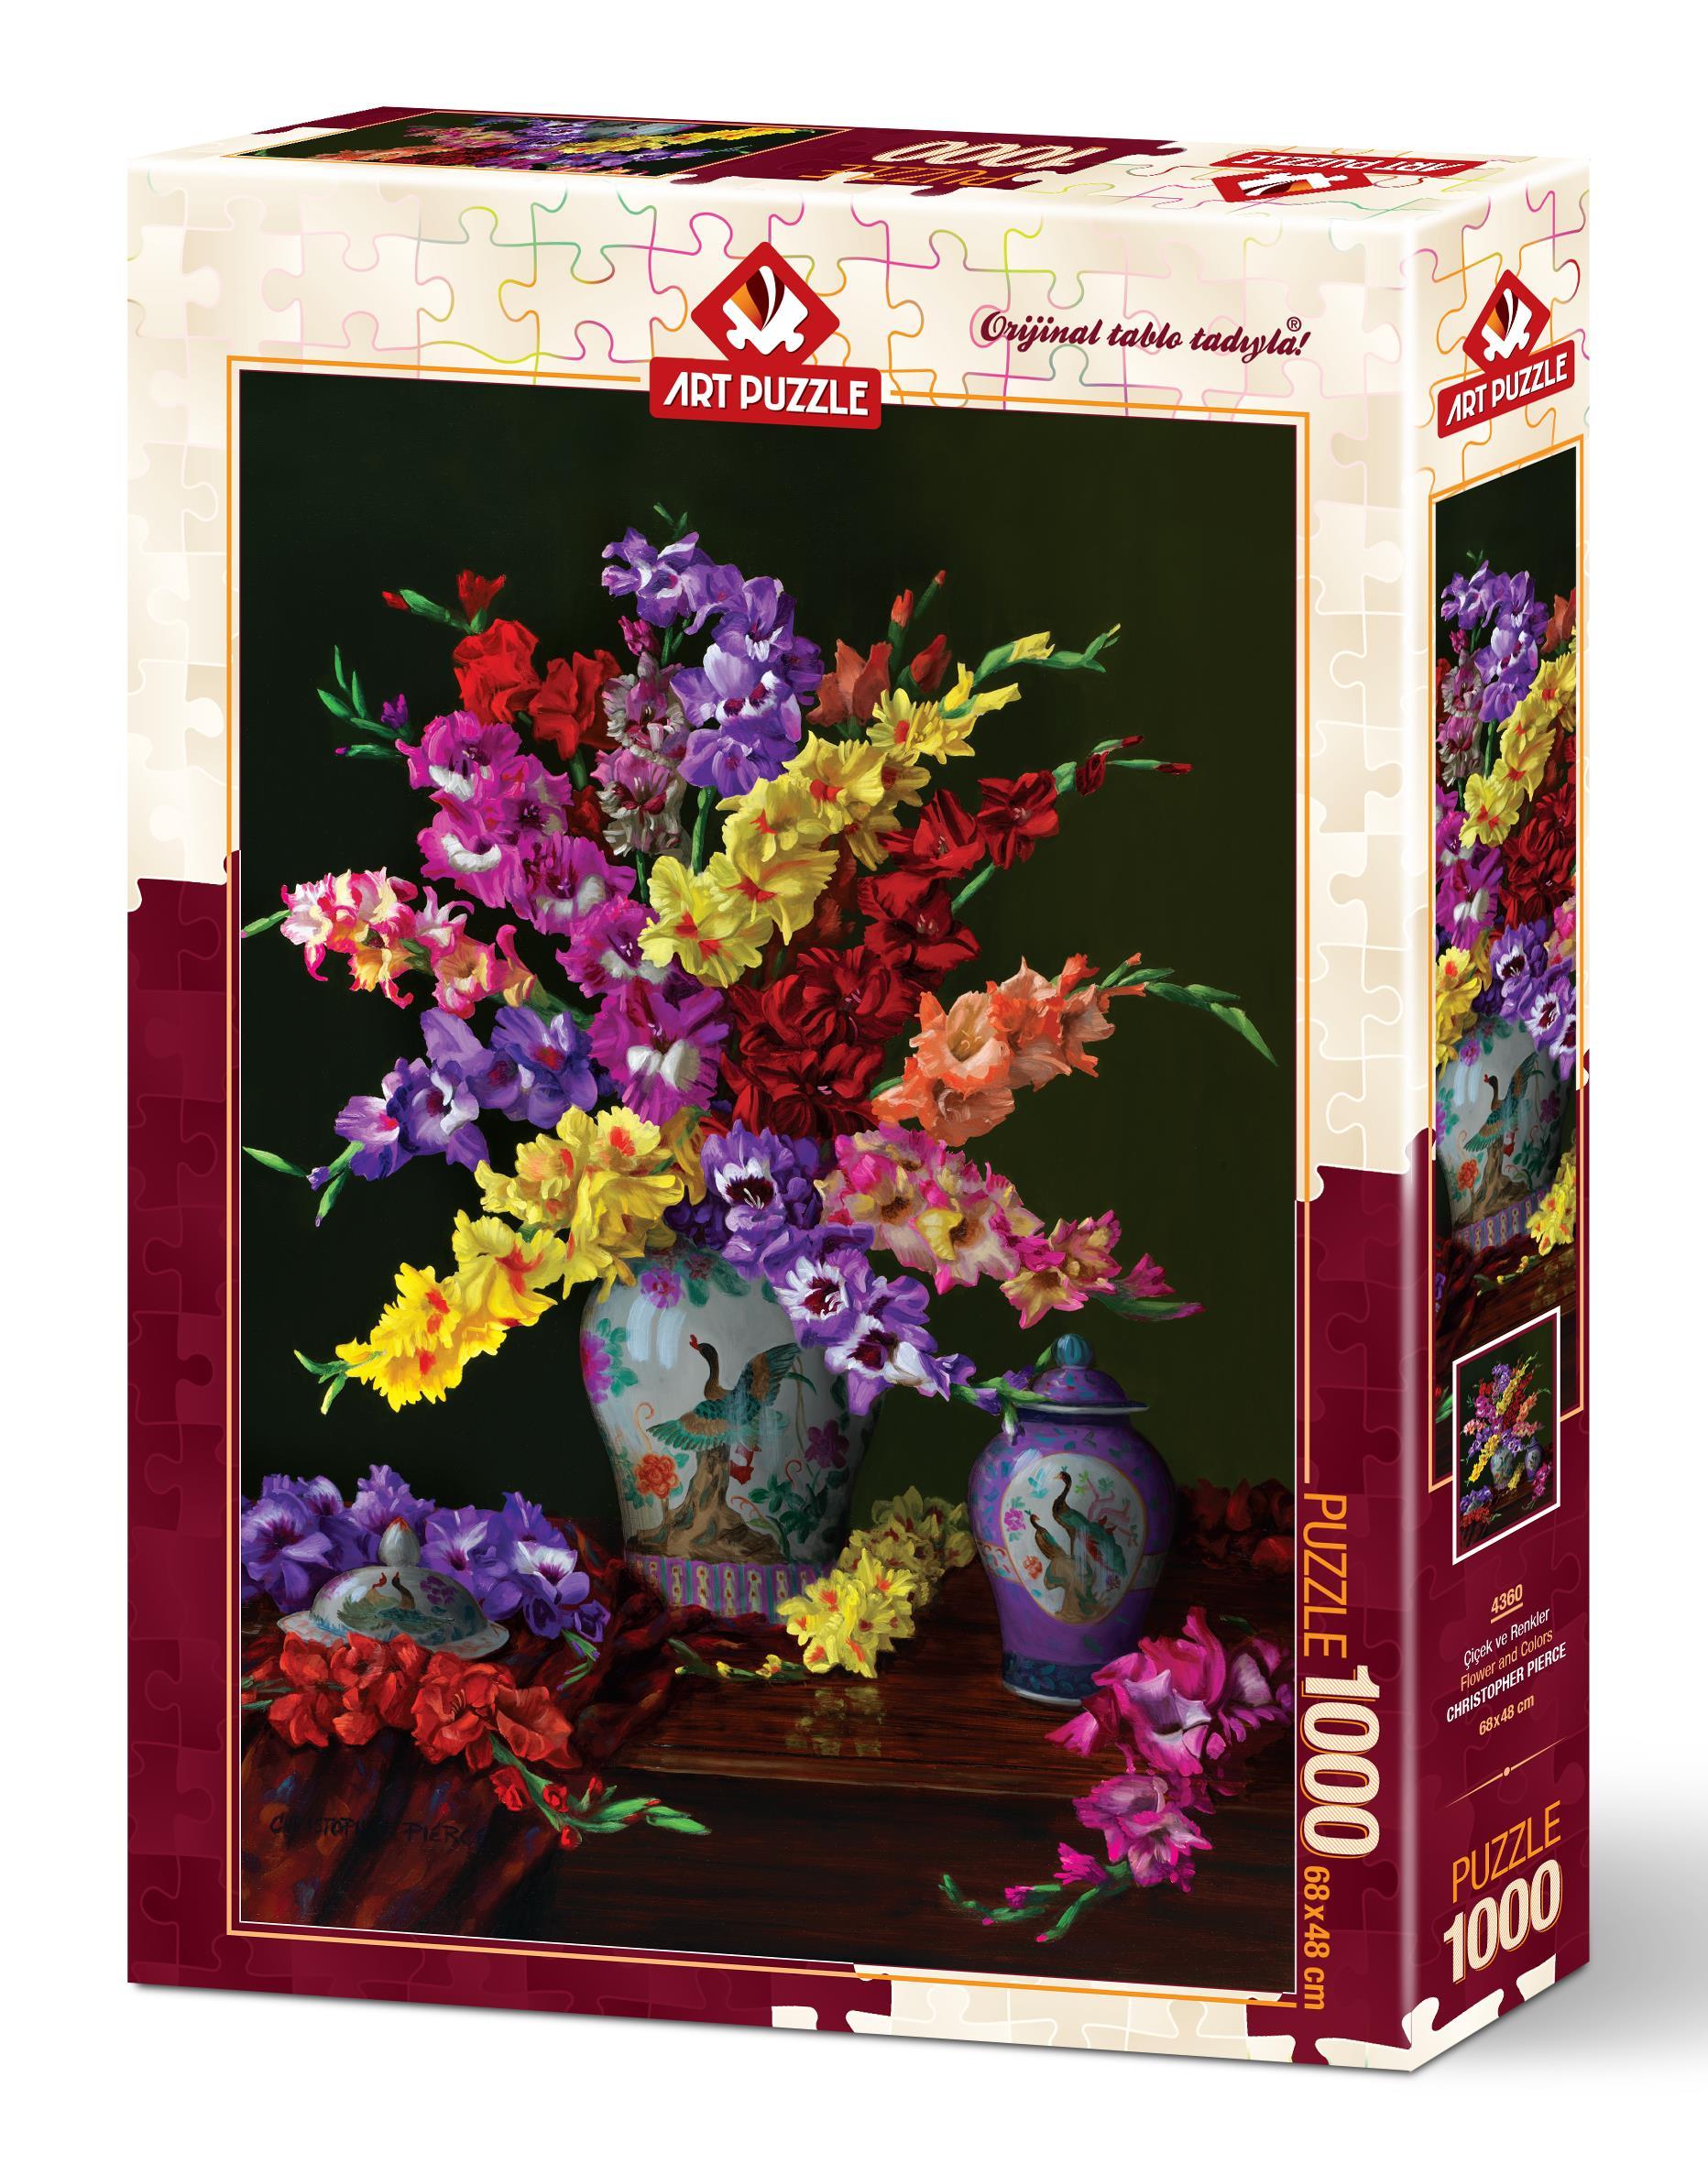 4360 Art Puzzle Cicek Ve Renkler 1000 Parca Puzzle